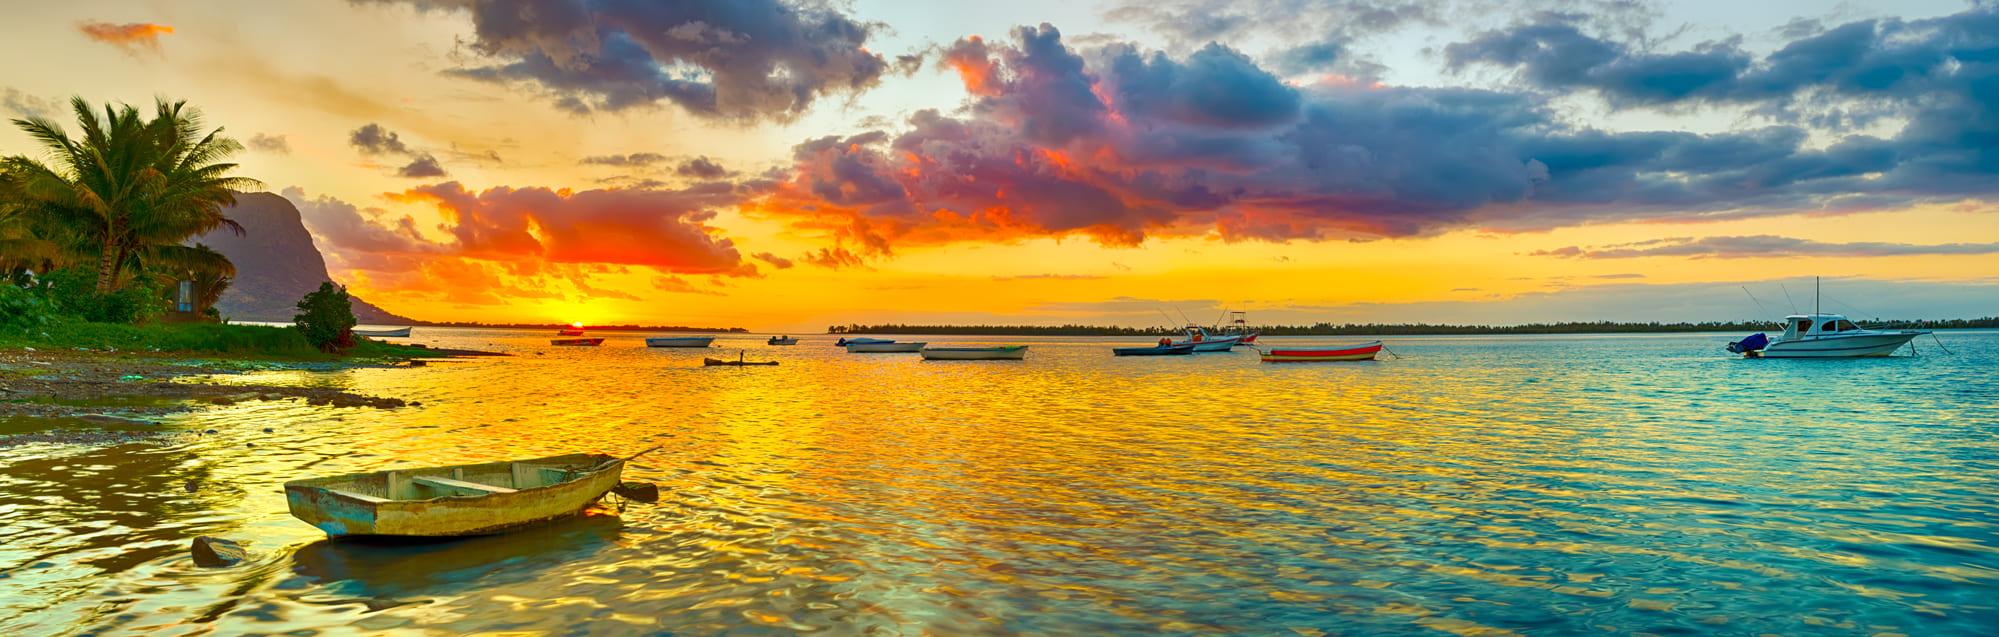 Самостоятельно на Маврикий 2020 маршрут на 16 дней отели как доехать